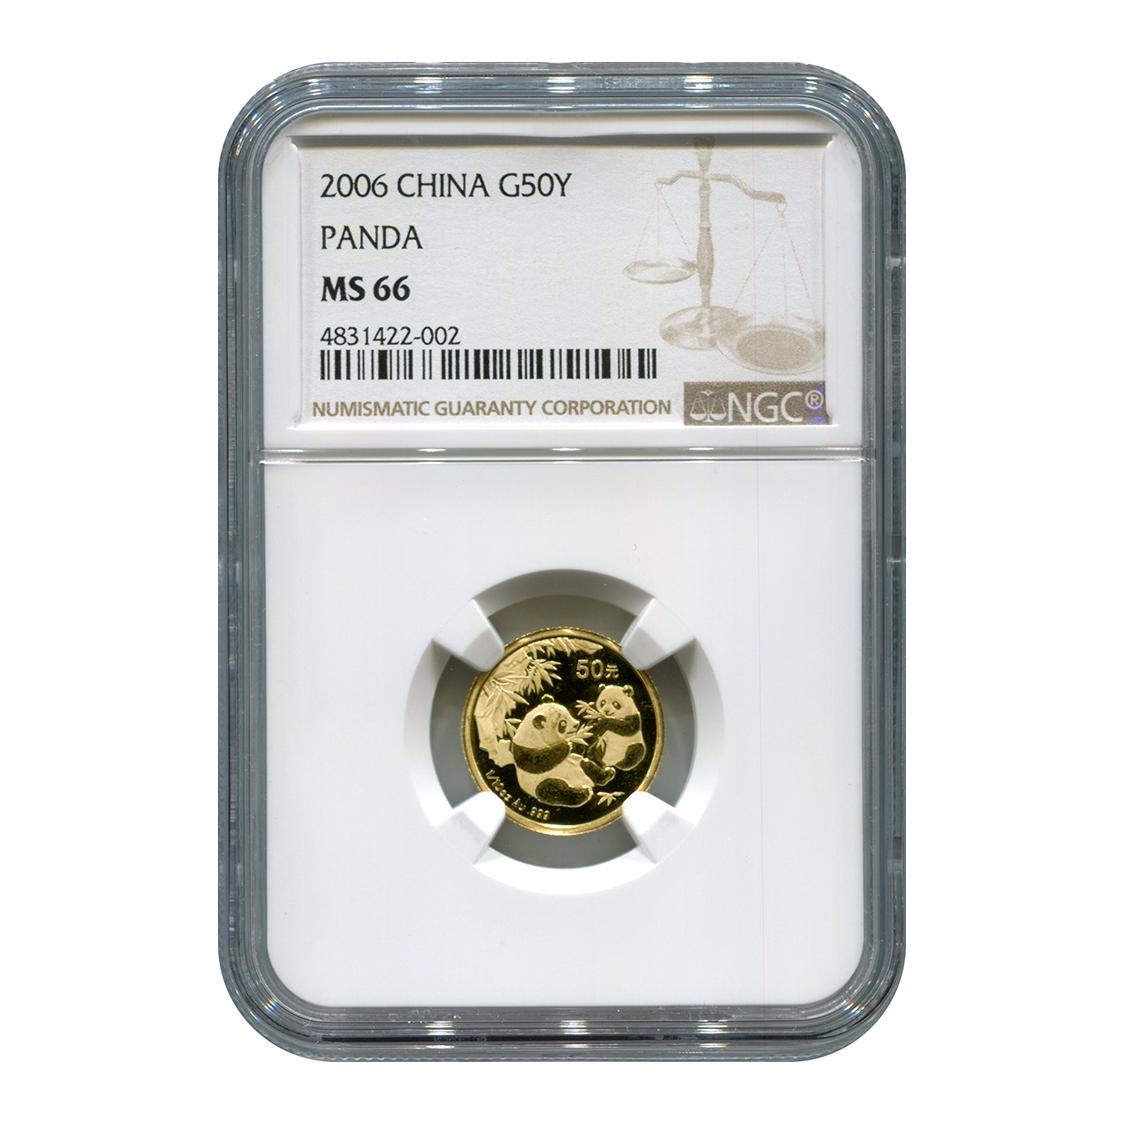 Certified Tenth Ounce Chinese Gold Panda 2006 50 Yuan MS66 NGC